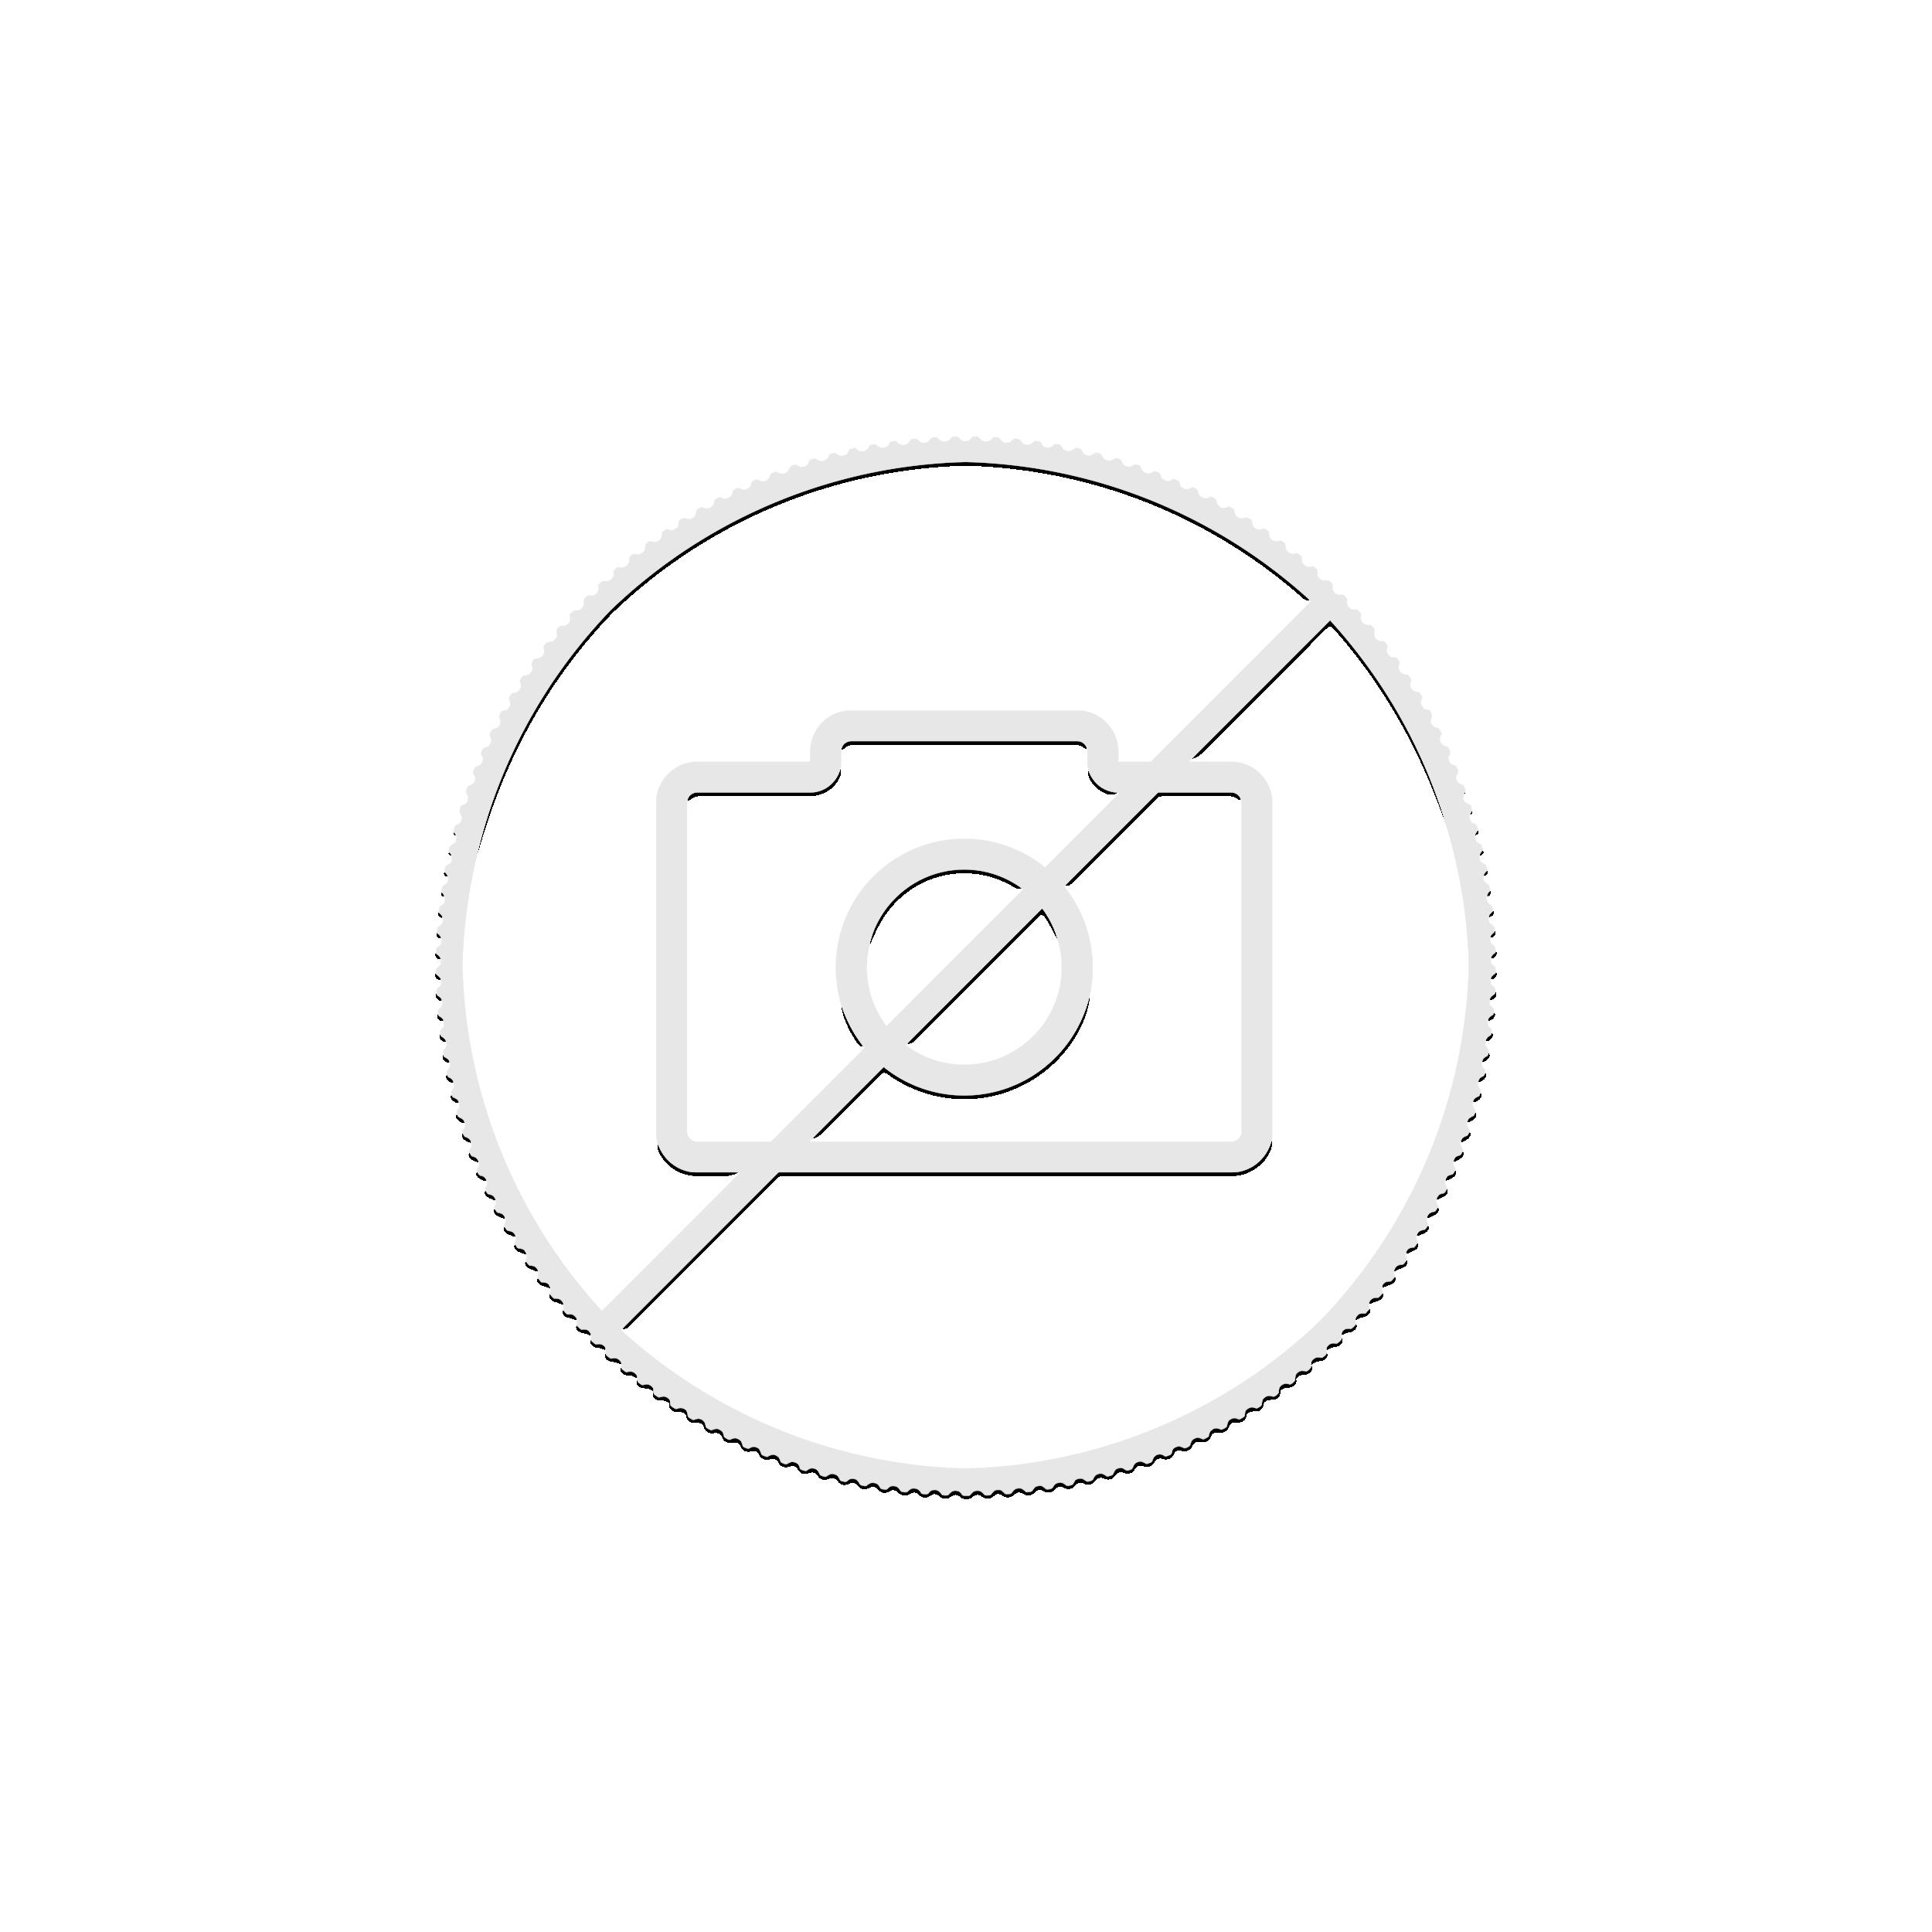 1 troy ounce silver coin Kookaburra 2011